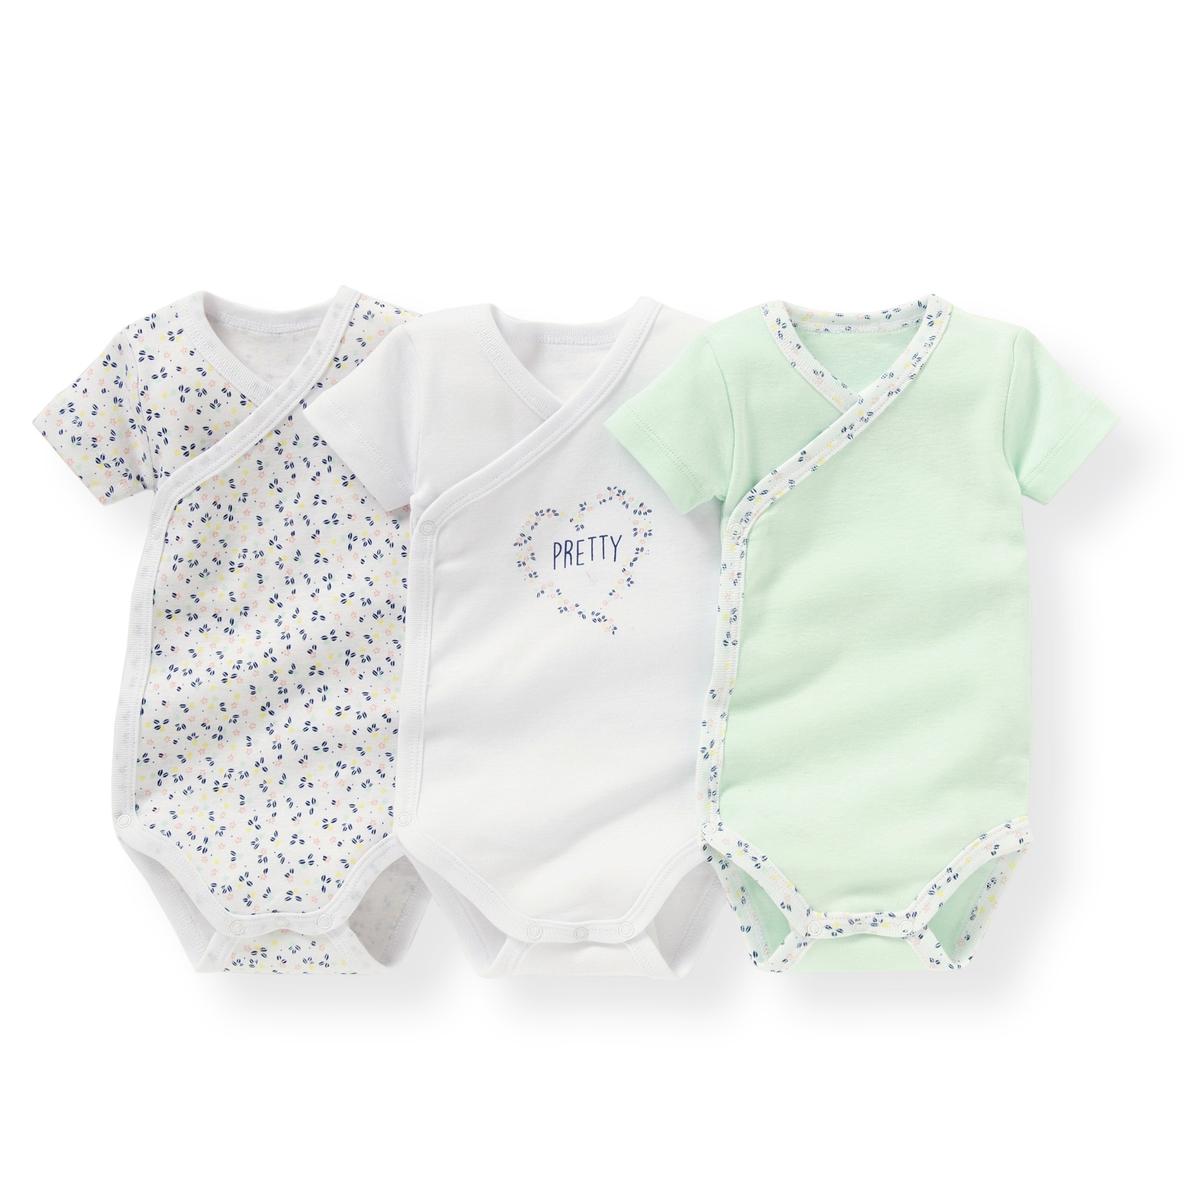 Комплект боди из хлопка для новорожденныхОписание  •  Рисунок-принт  •  Для новорожденных •  Короткие рукава •  Из хлопкаСостав и уход  •  100% хлопок •  Машинная стирка при 40 °С •  Сухая чистка и отбеливание запрещены   •  Машинная сушка в умеренном режиме •  Низкая температура глажки<br><br>Цвет: рисунок разноцветный<br>Размер: 3 года - 94 см.18 мес. - 81 см.9 мес. - 71 см.1 мес. - 54 см